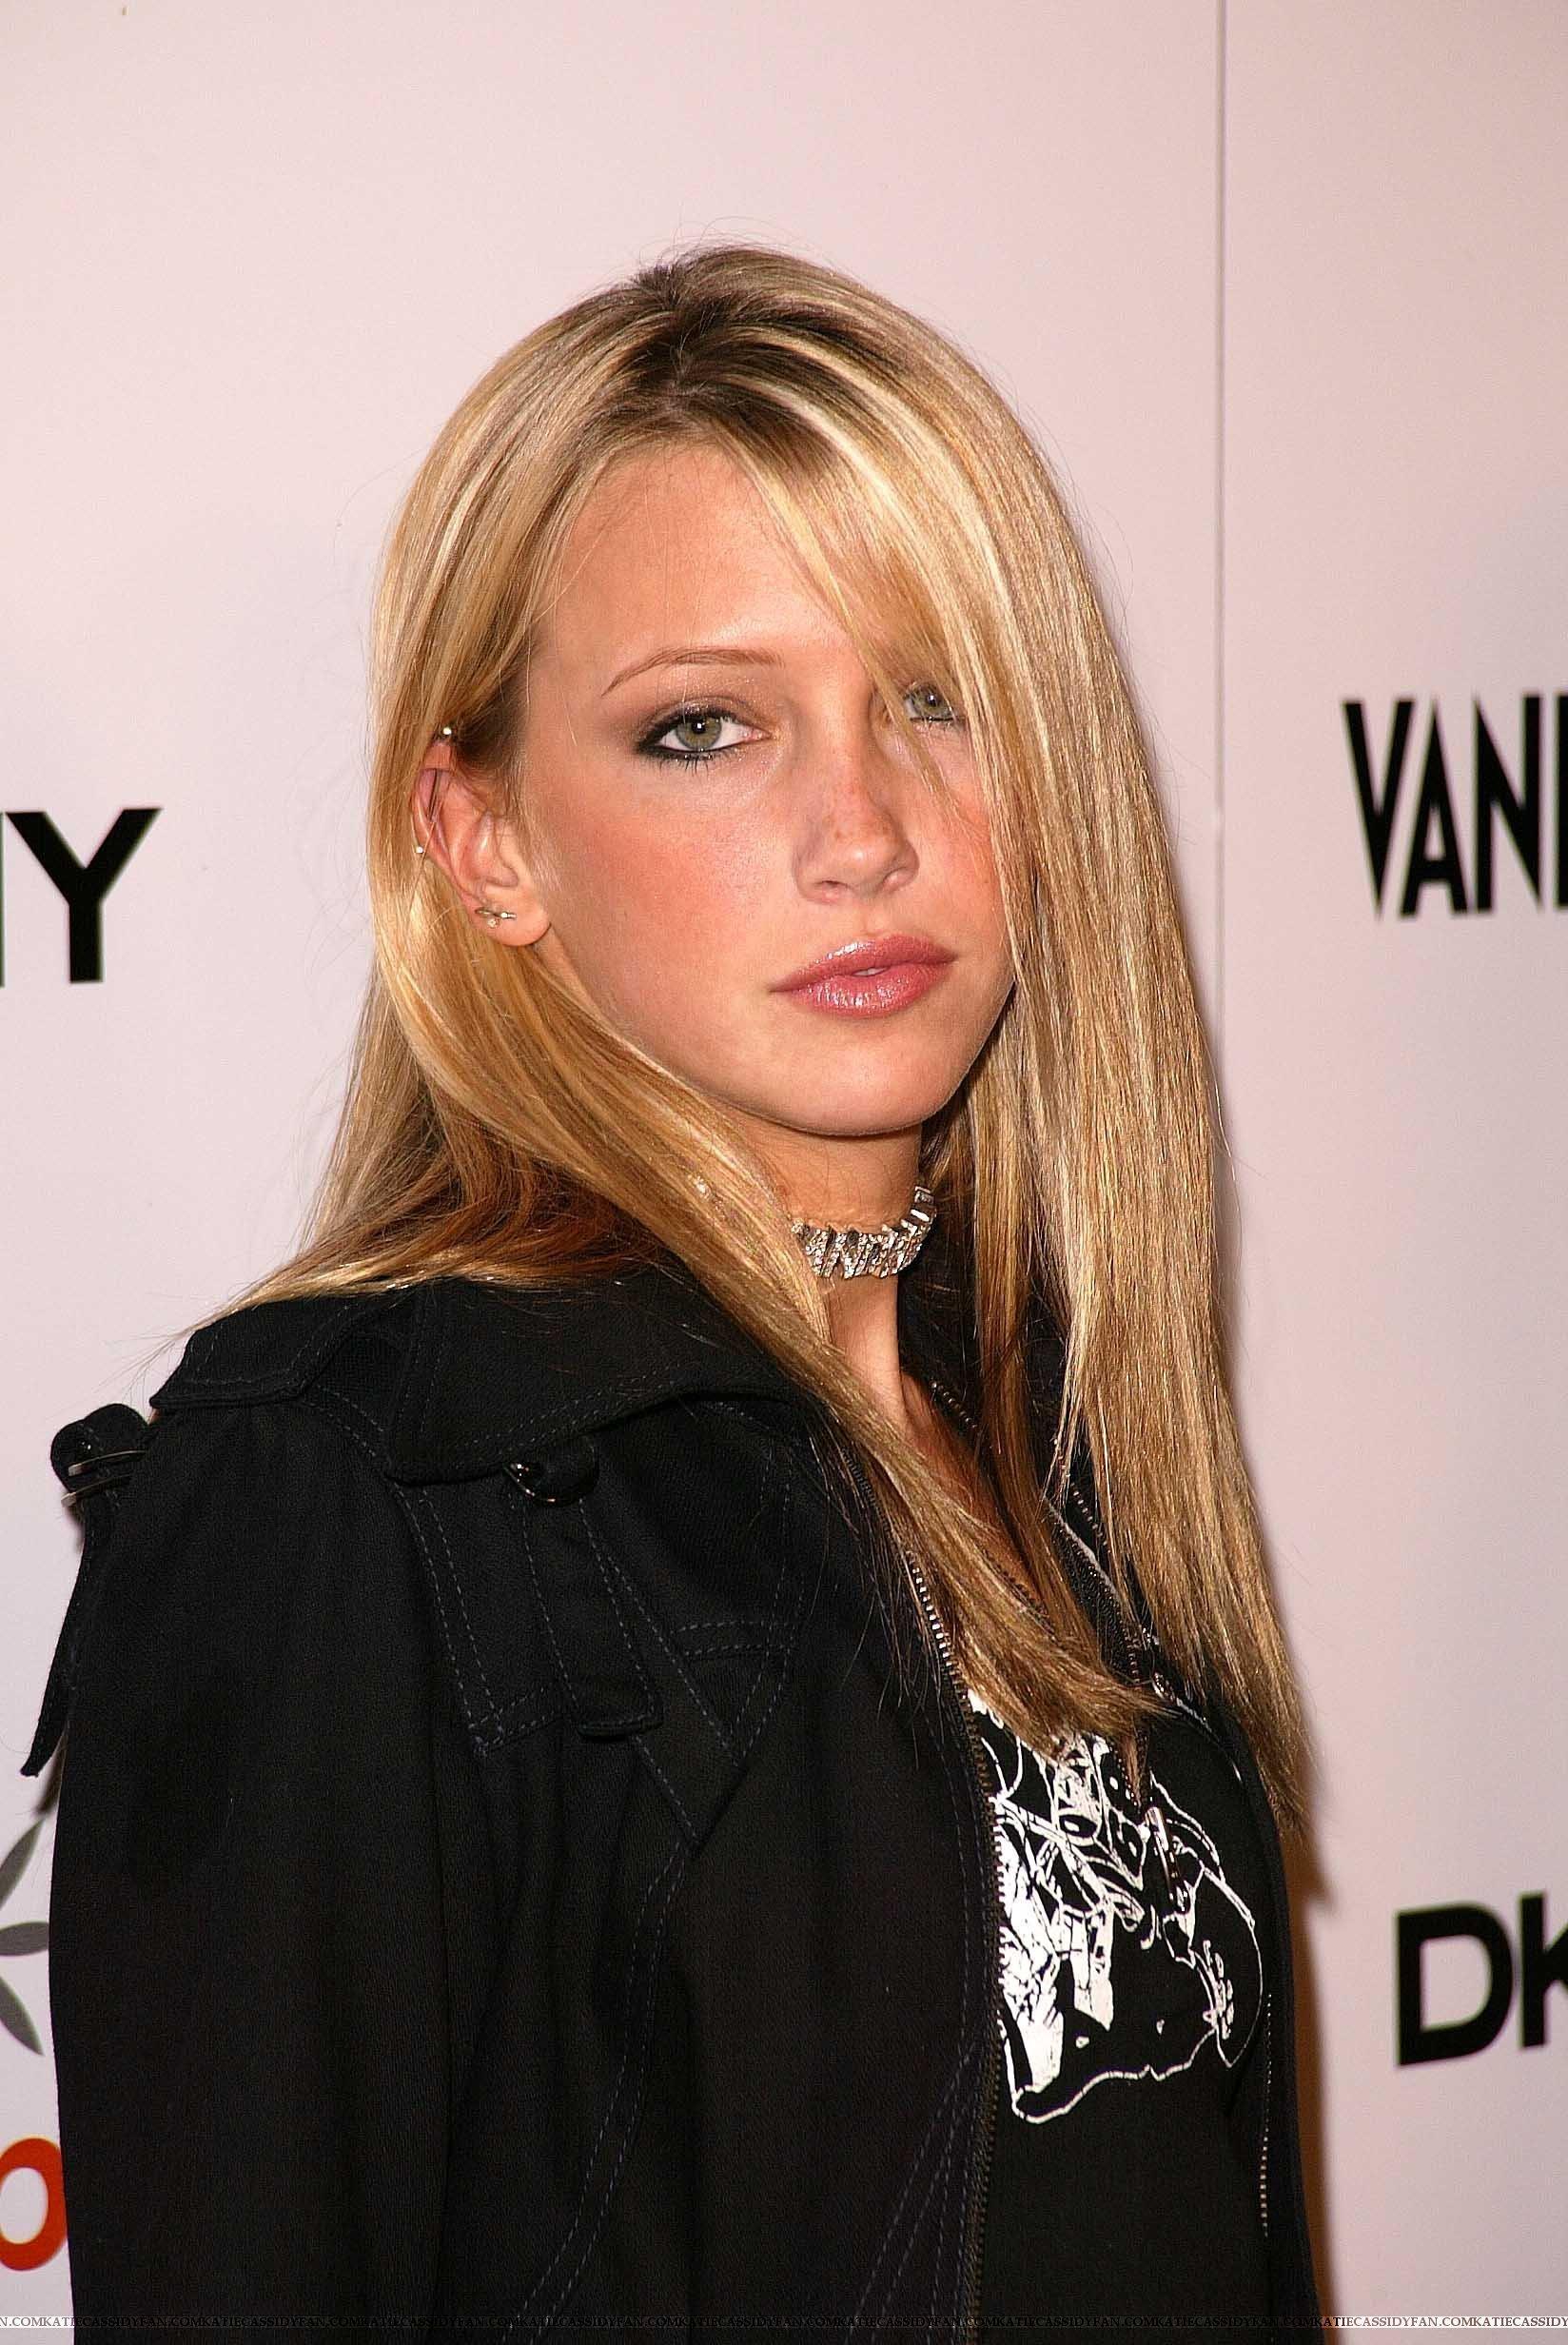 Katie Cassidy - Wallpaper Actress